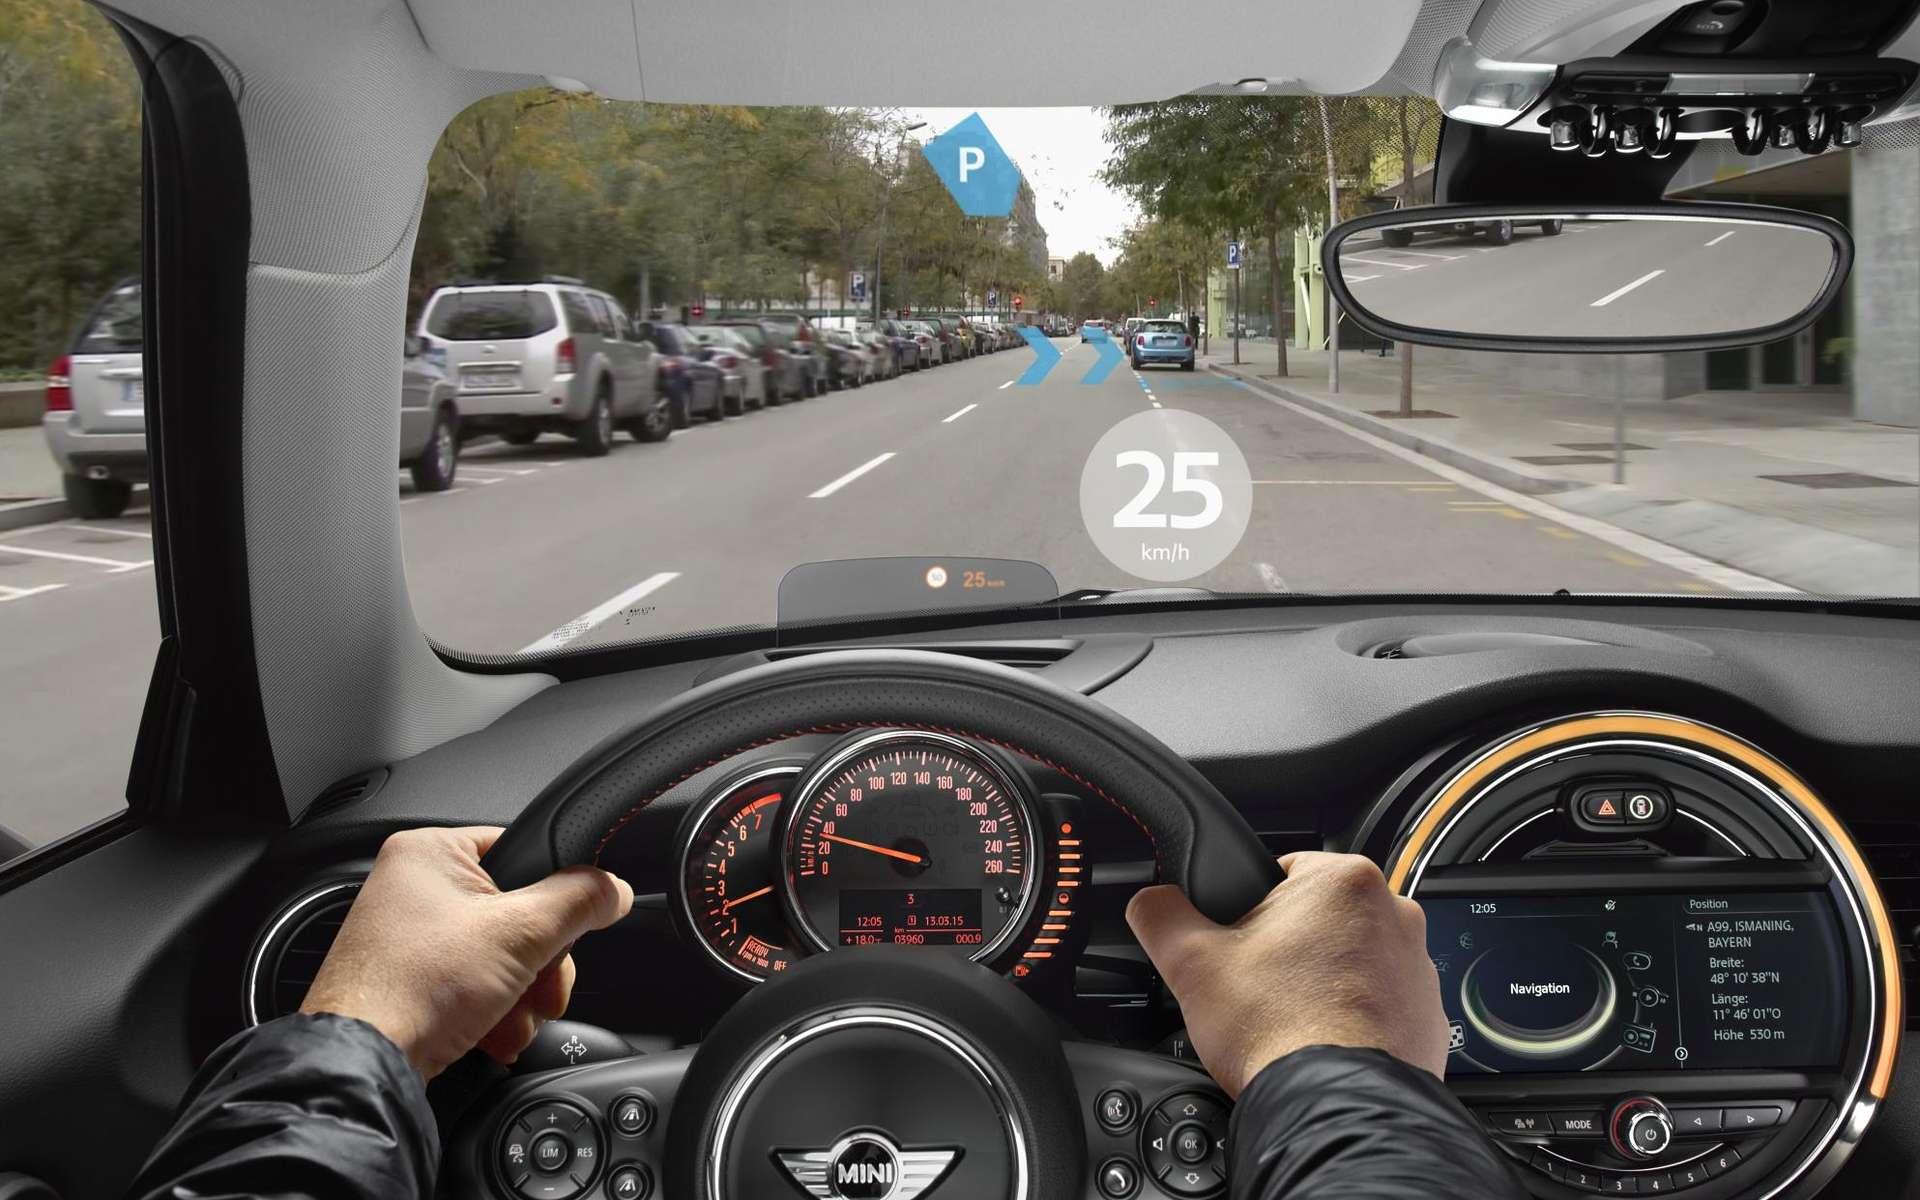 Les lunettes Mini Augmented Vision proposent un affichage tête haute du tableau de bord. © Mini